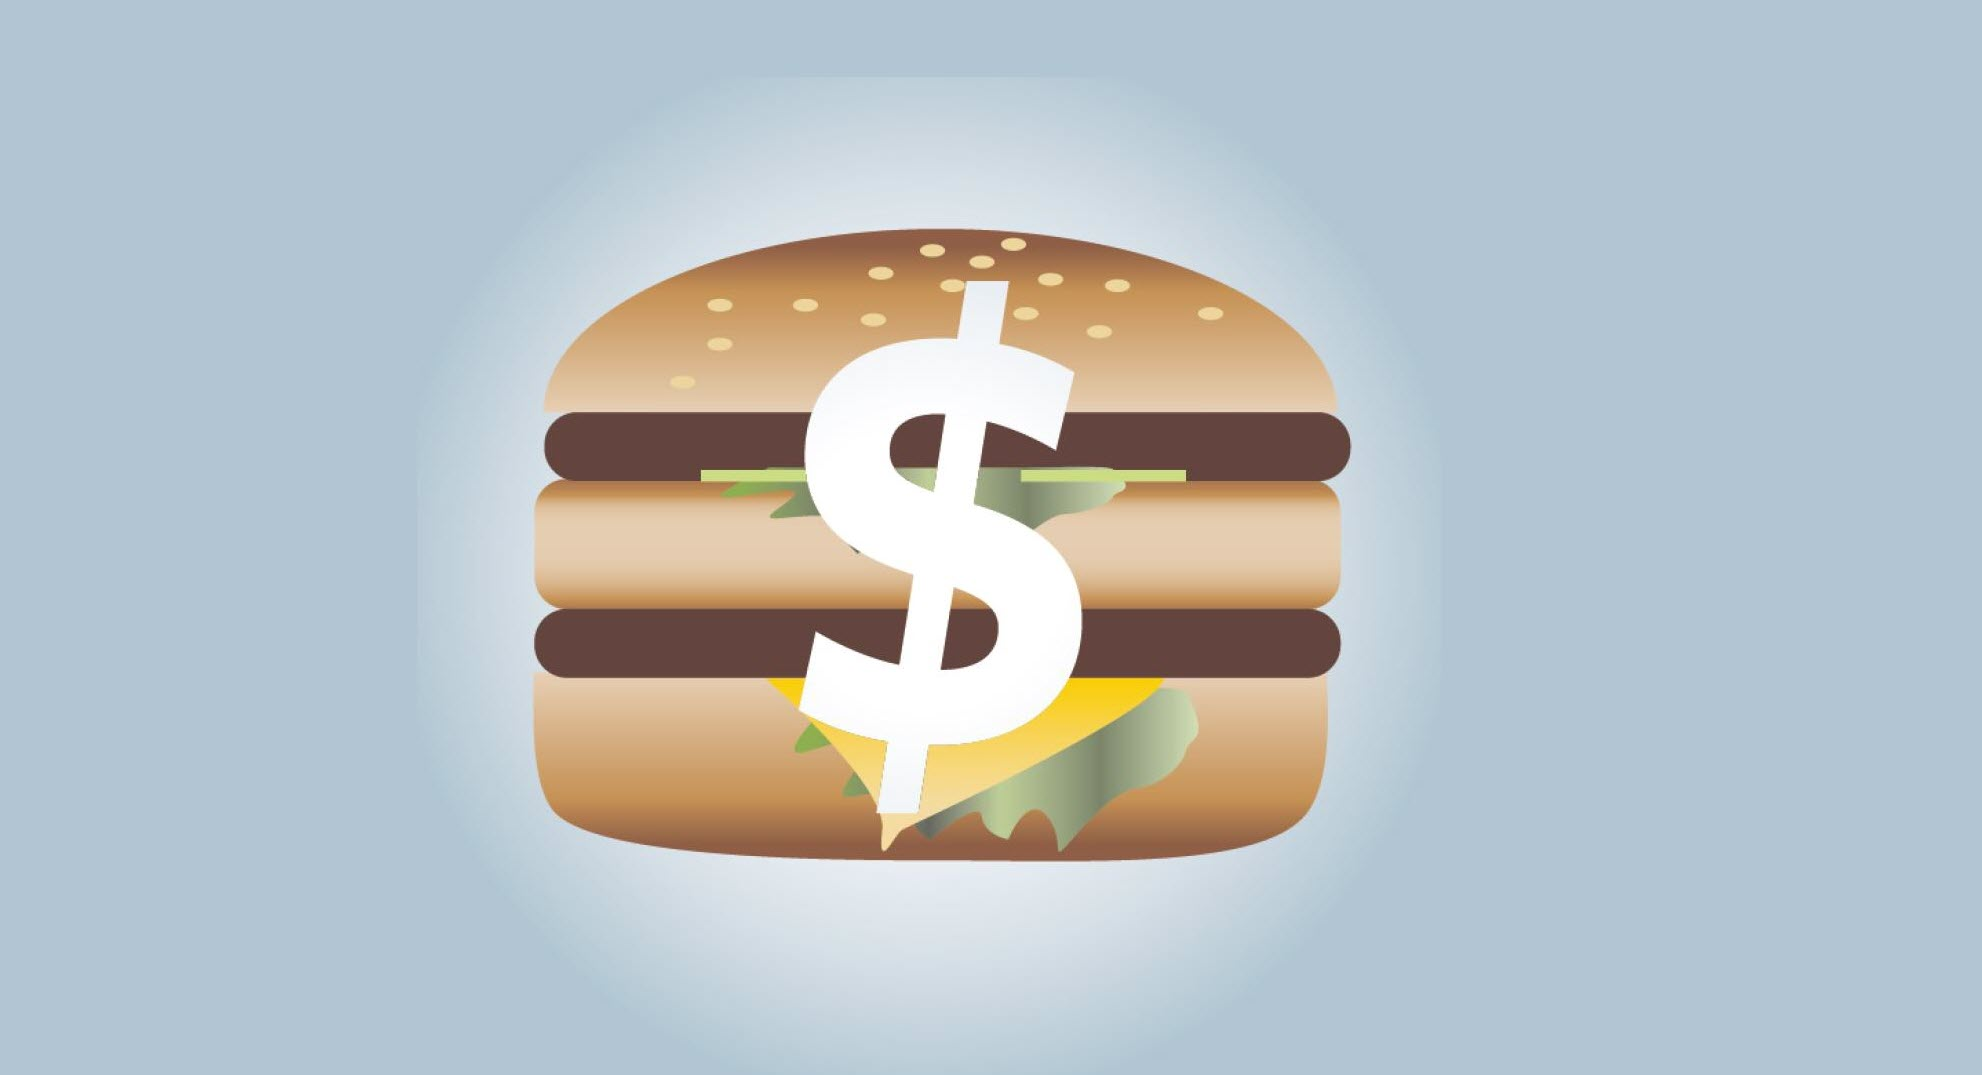 ما لا تعرفه عن مؤشر الـ Big Mac، وأهميته في قياس قيمة العملات أمام الدولار